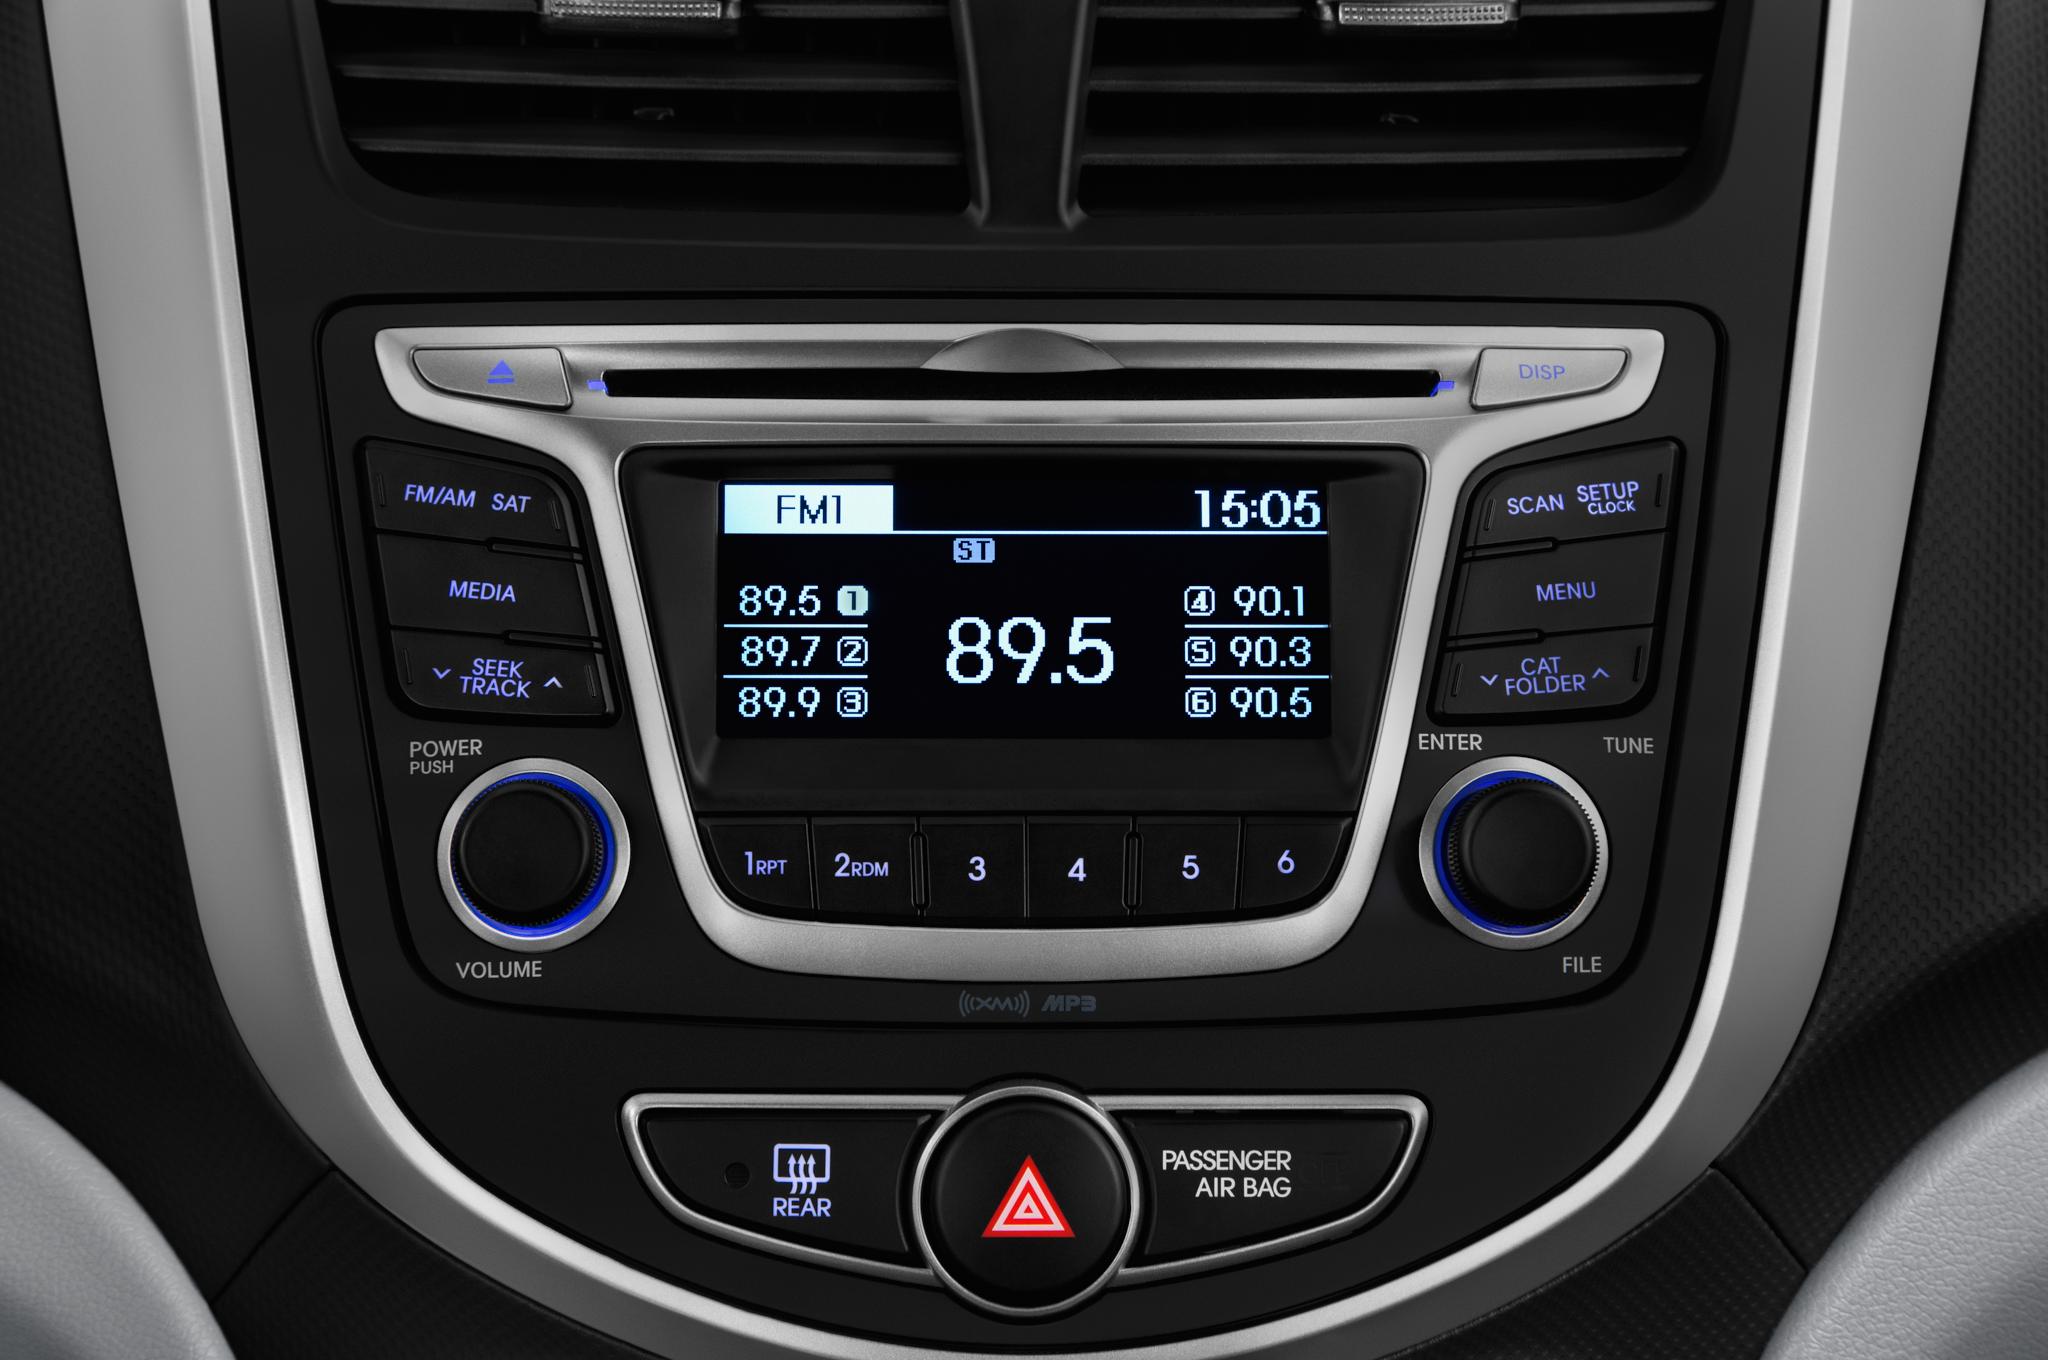 Accent radio.